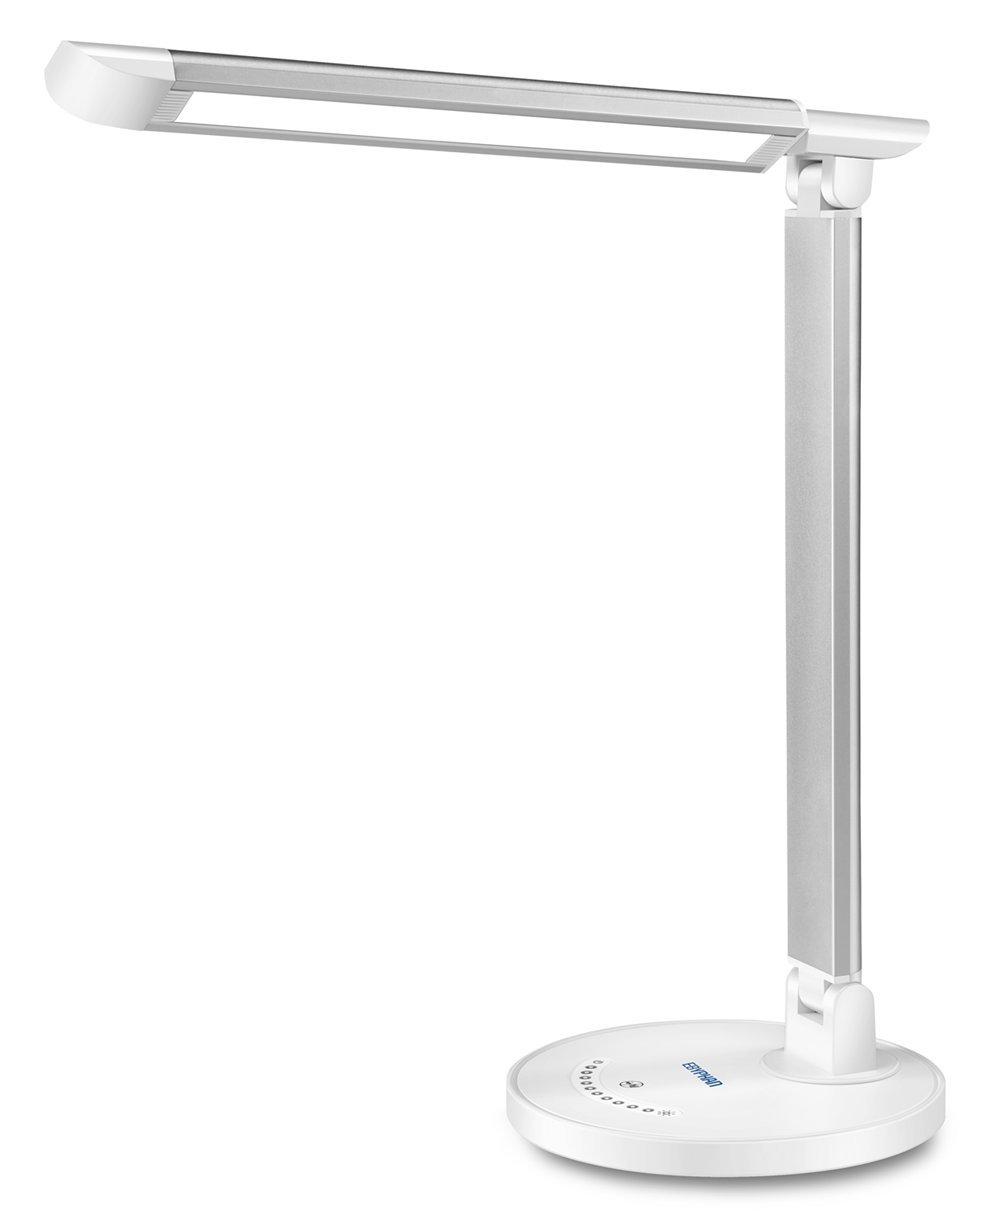 Ebyphan Lampe de Bureau LED Dimmable, Lampe de Lecture avec Port USB, Lampes de Table Ré glable (Contrô le Tactile, 5 Modes de Couleurs, 7 Niveaux de Luminosité , 12W) Lampes de Table Réglable (Contrôle Tactile 7 Niveaux de Luminosité